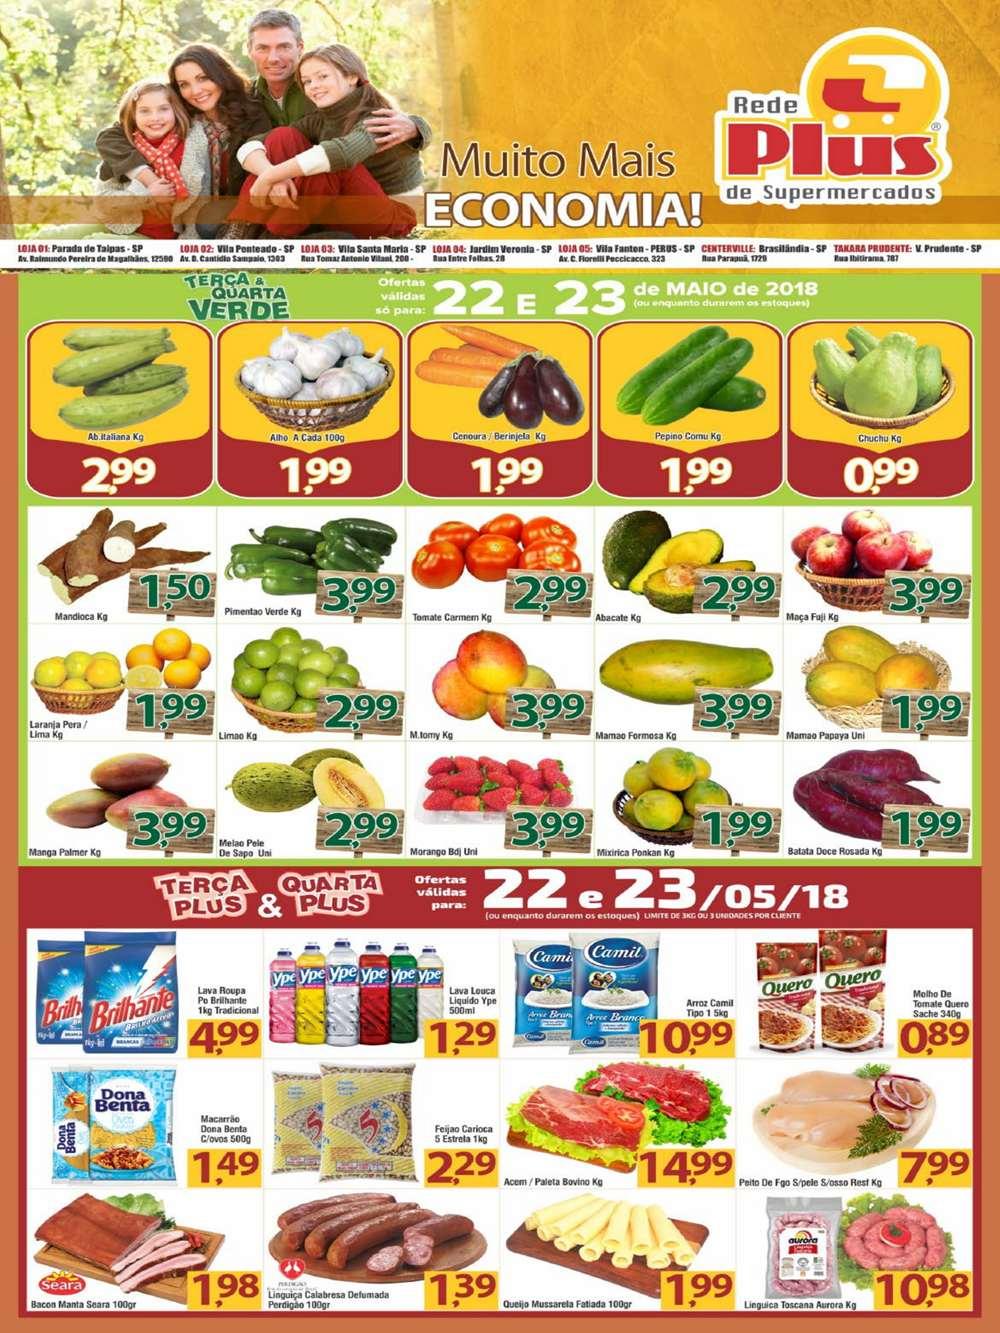 Ofertas-redeplus-takara1-1 Ofertas de Supermercados